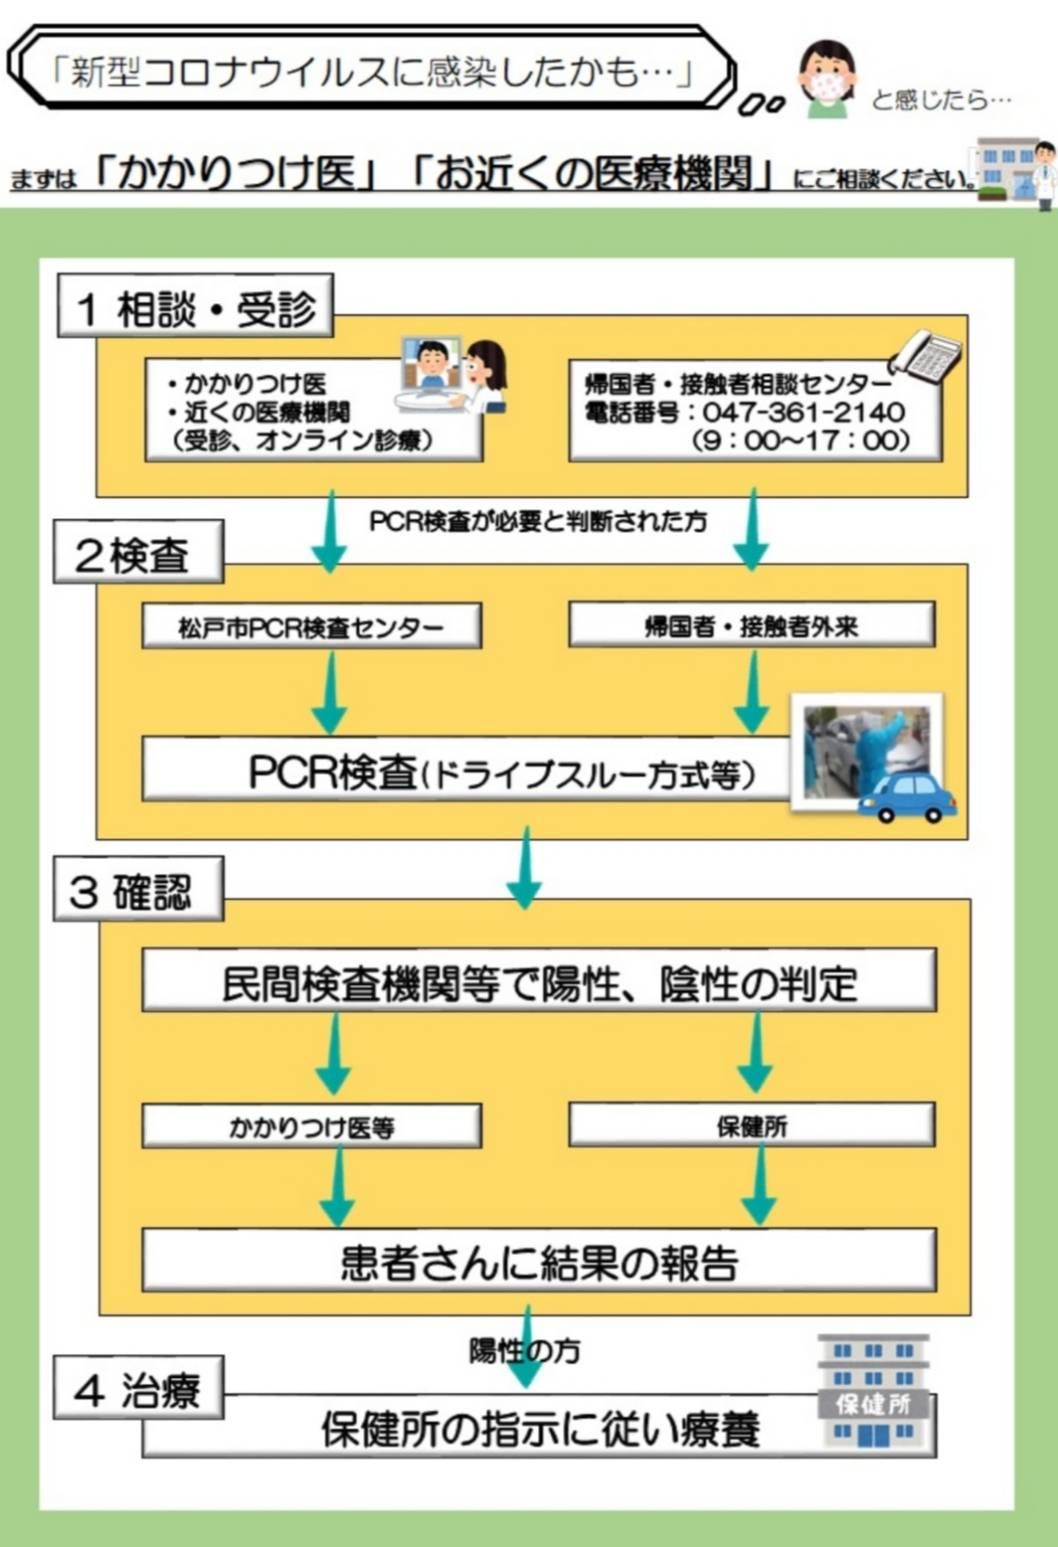 松戸市PCR検査センター